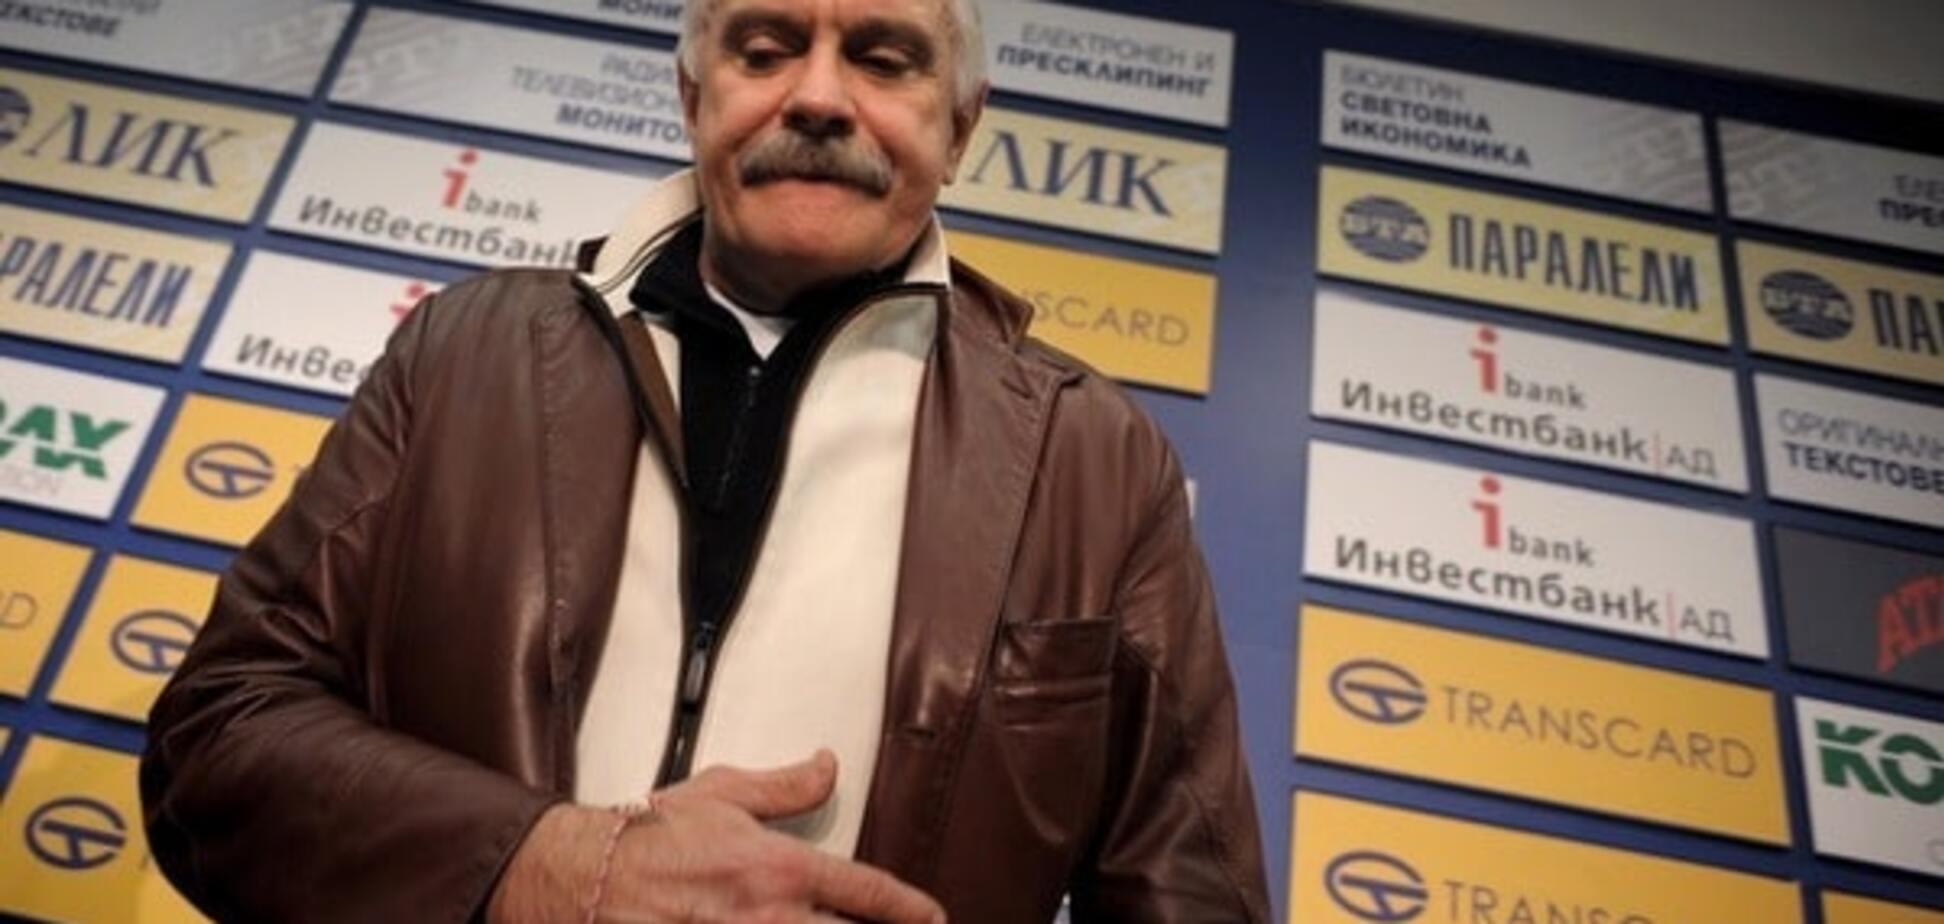 Ада Роговцева заявила, что Никита Михалков предал ее